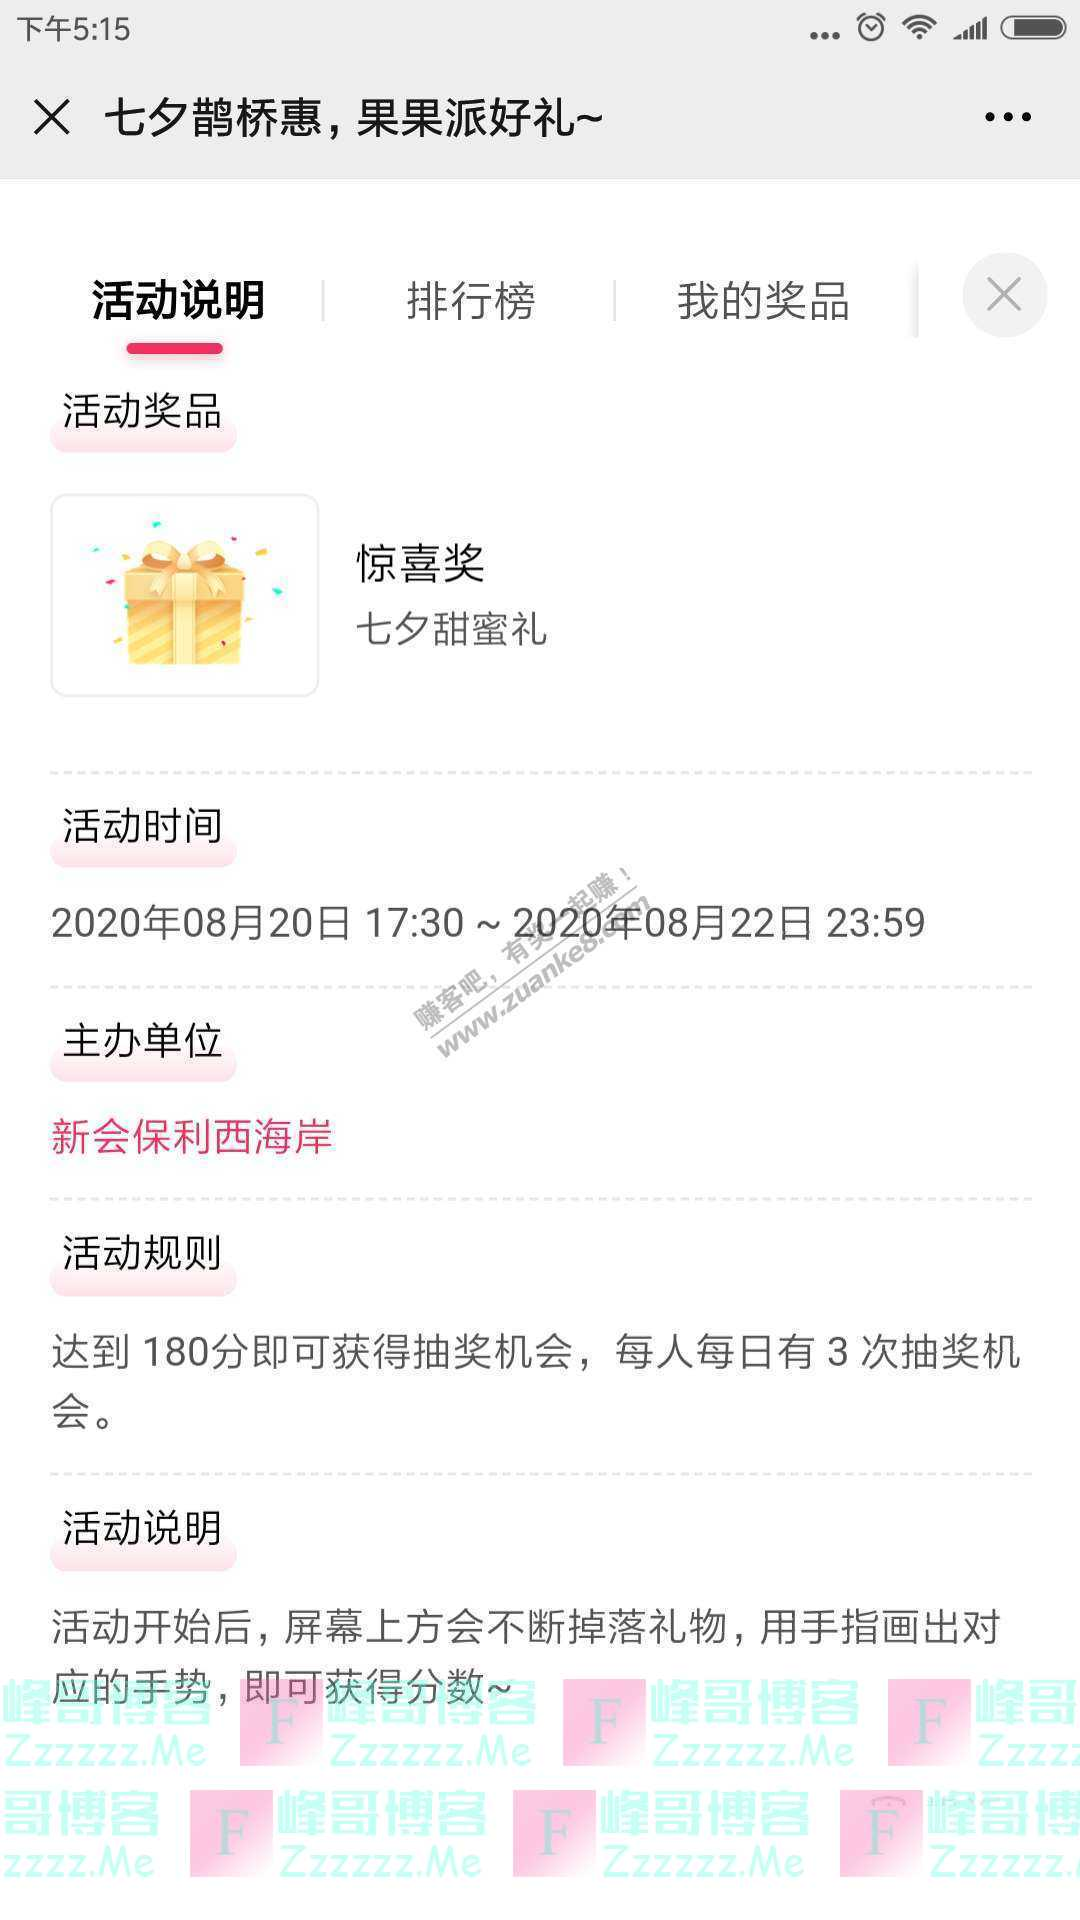 长安银行先到先得:七夕薇薇安要派好礼啦(截止8月22日)